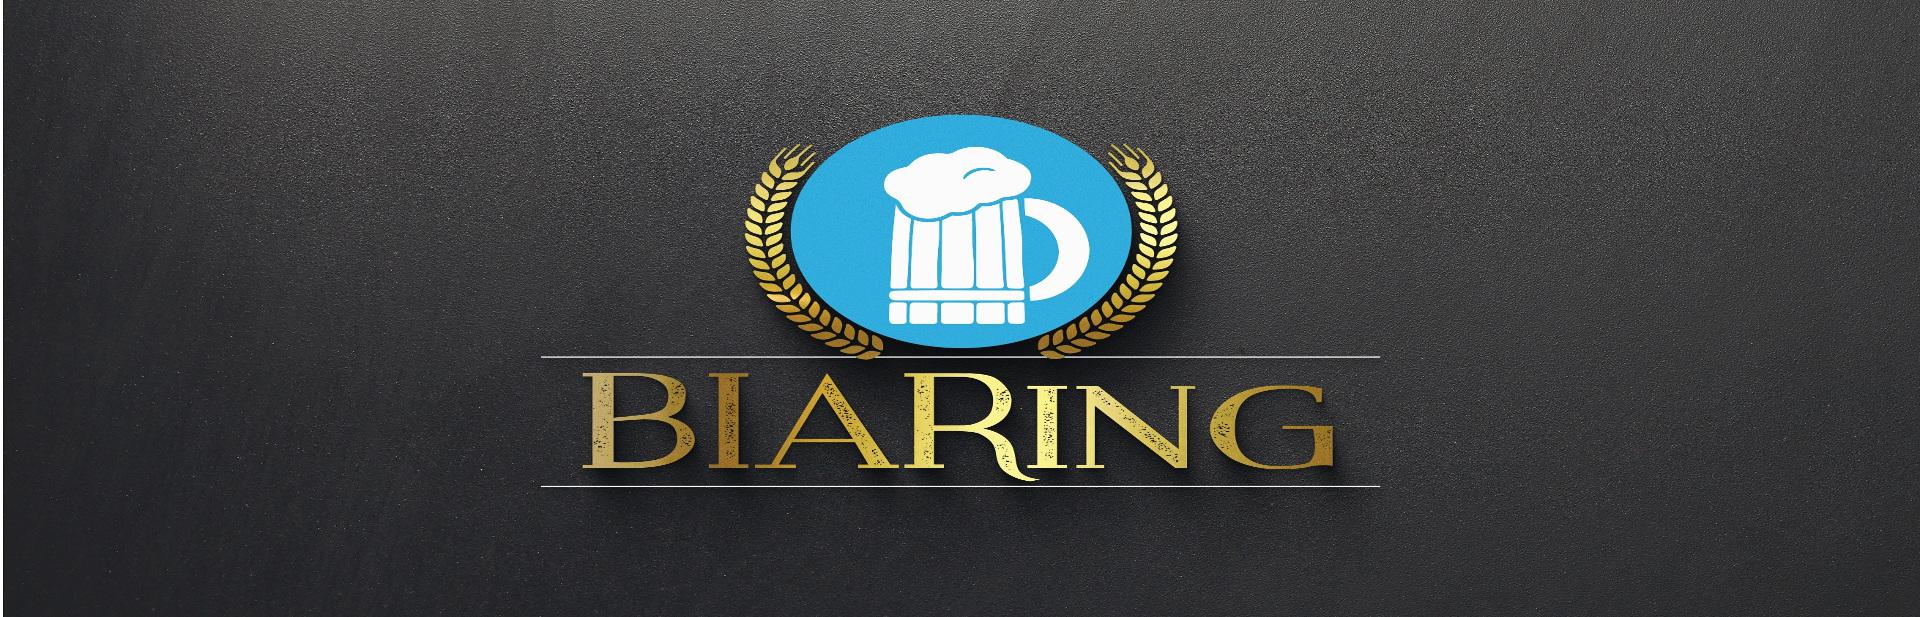 BiaRing®